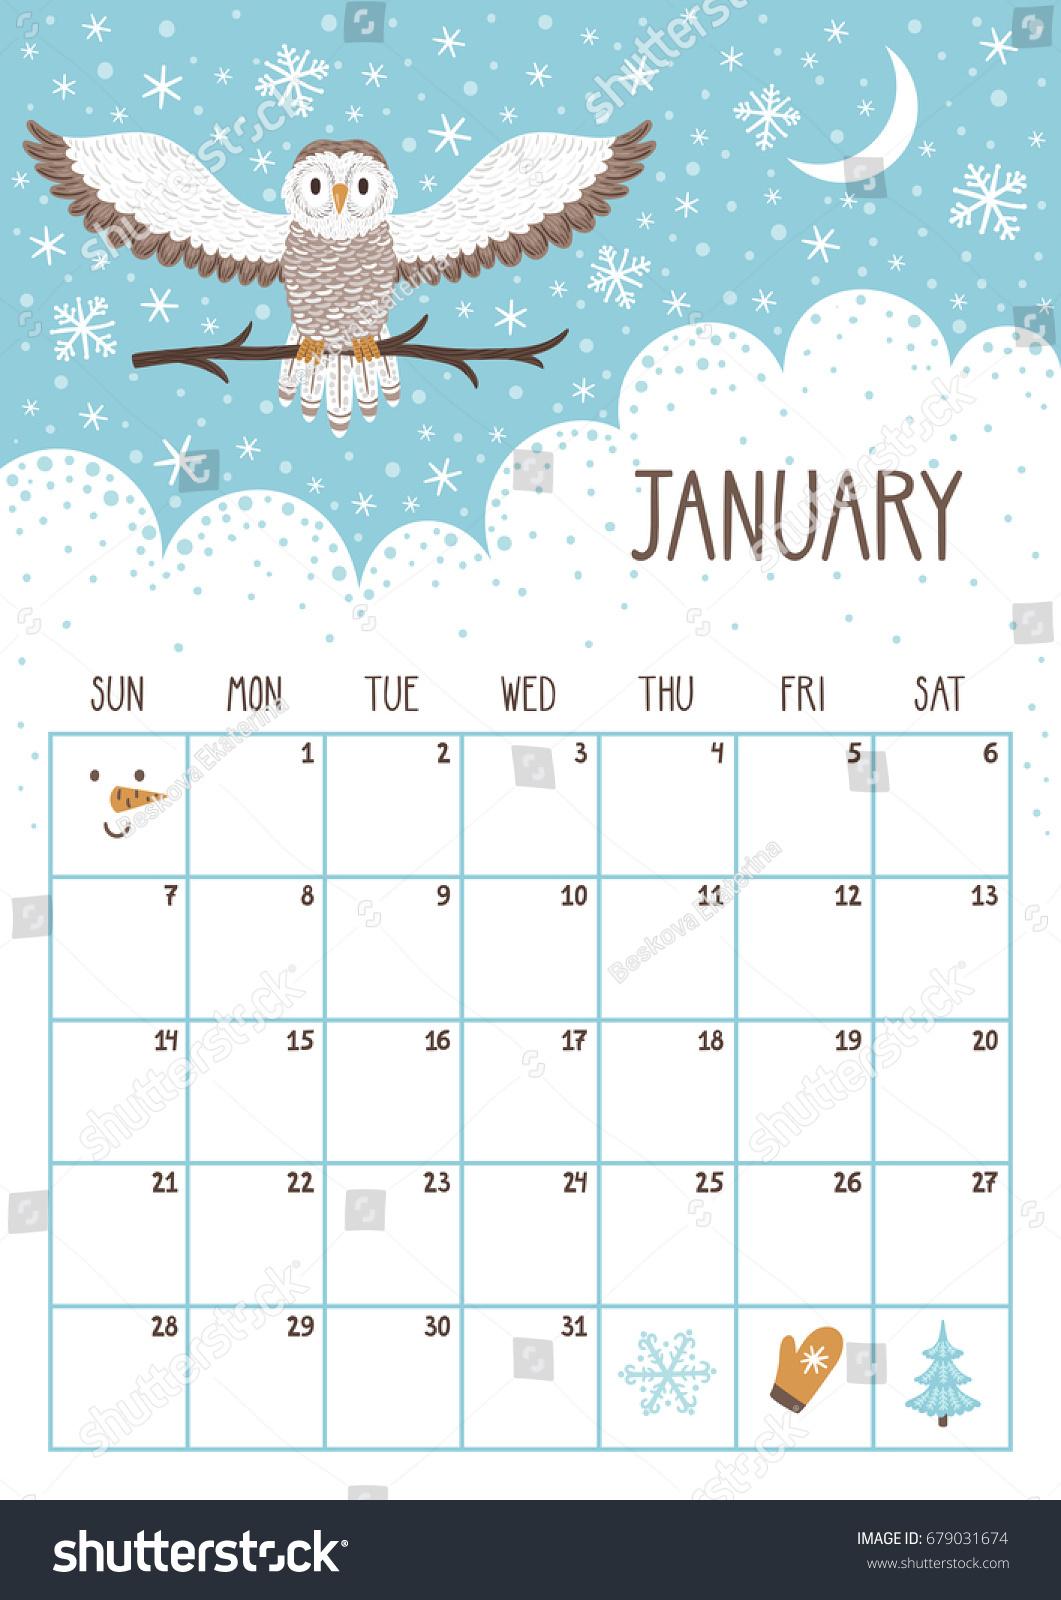 Vector Monthly Calendar Cute Owl January Stock Vector